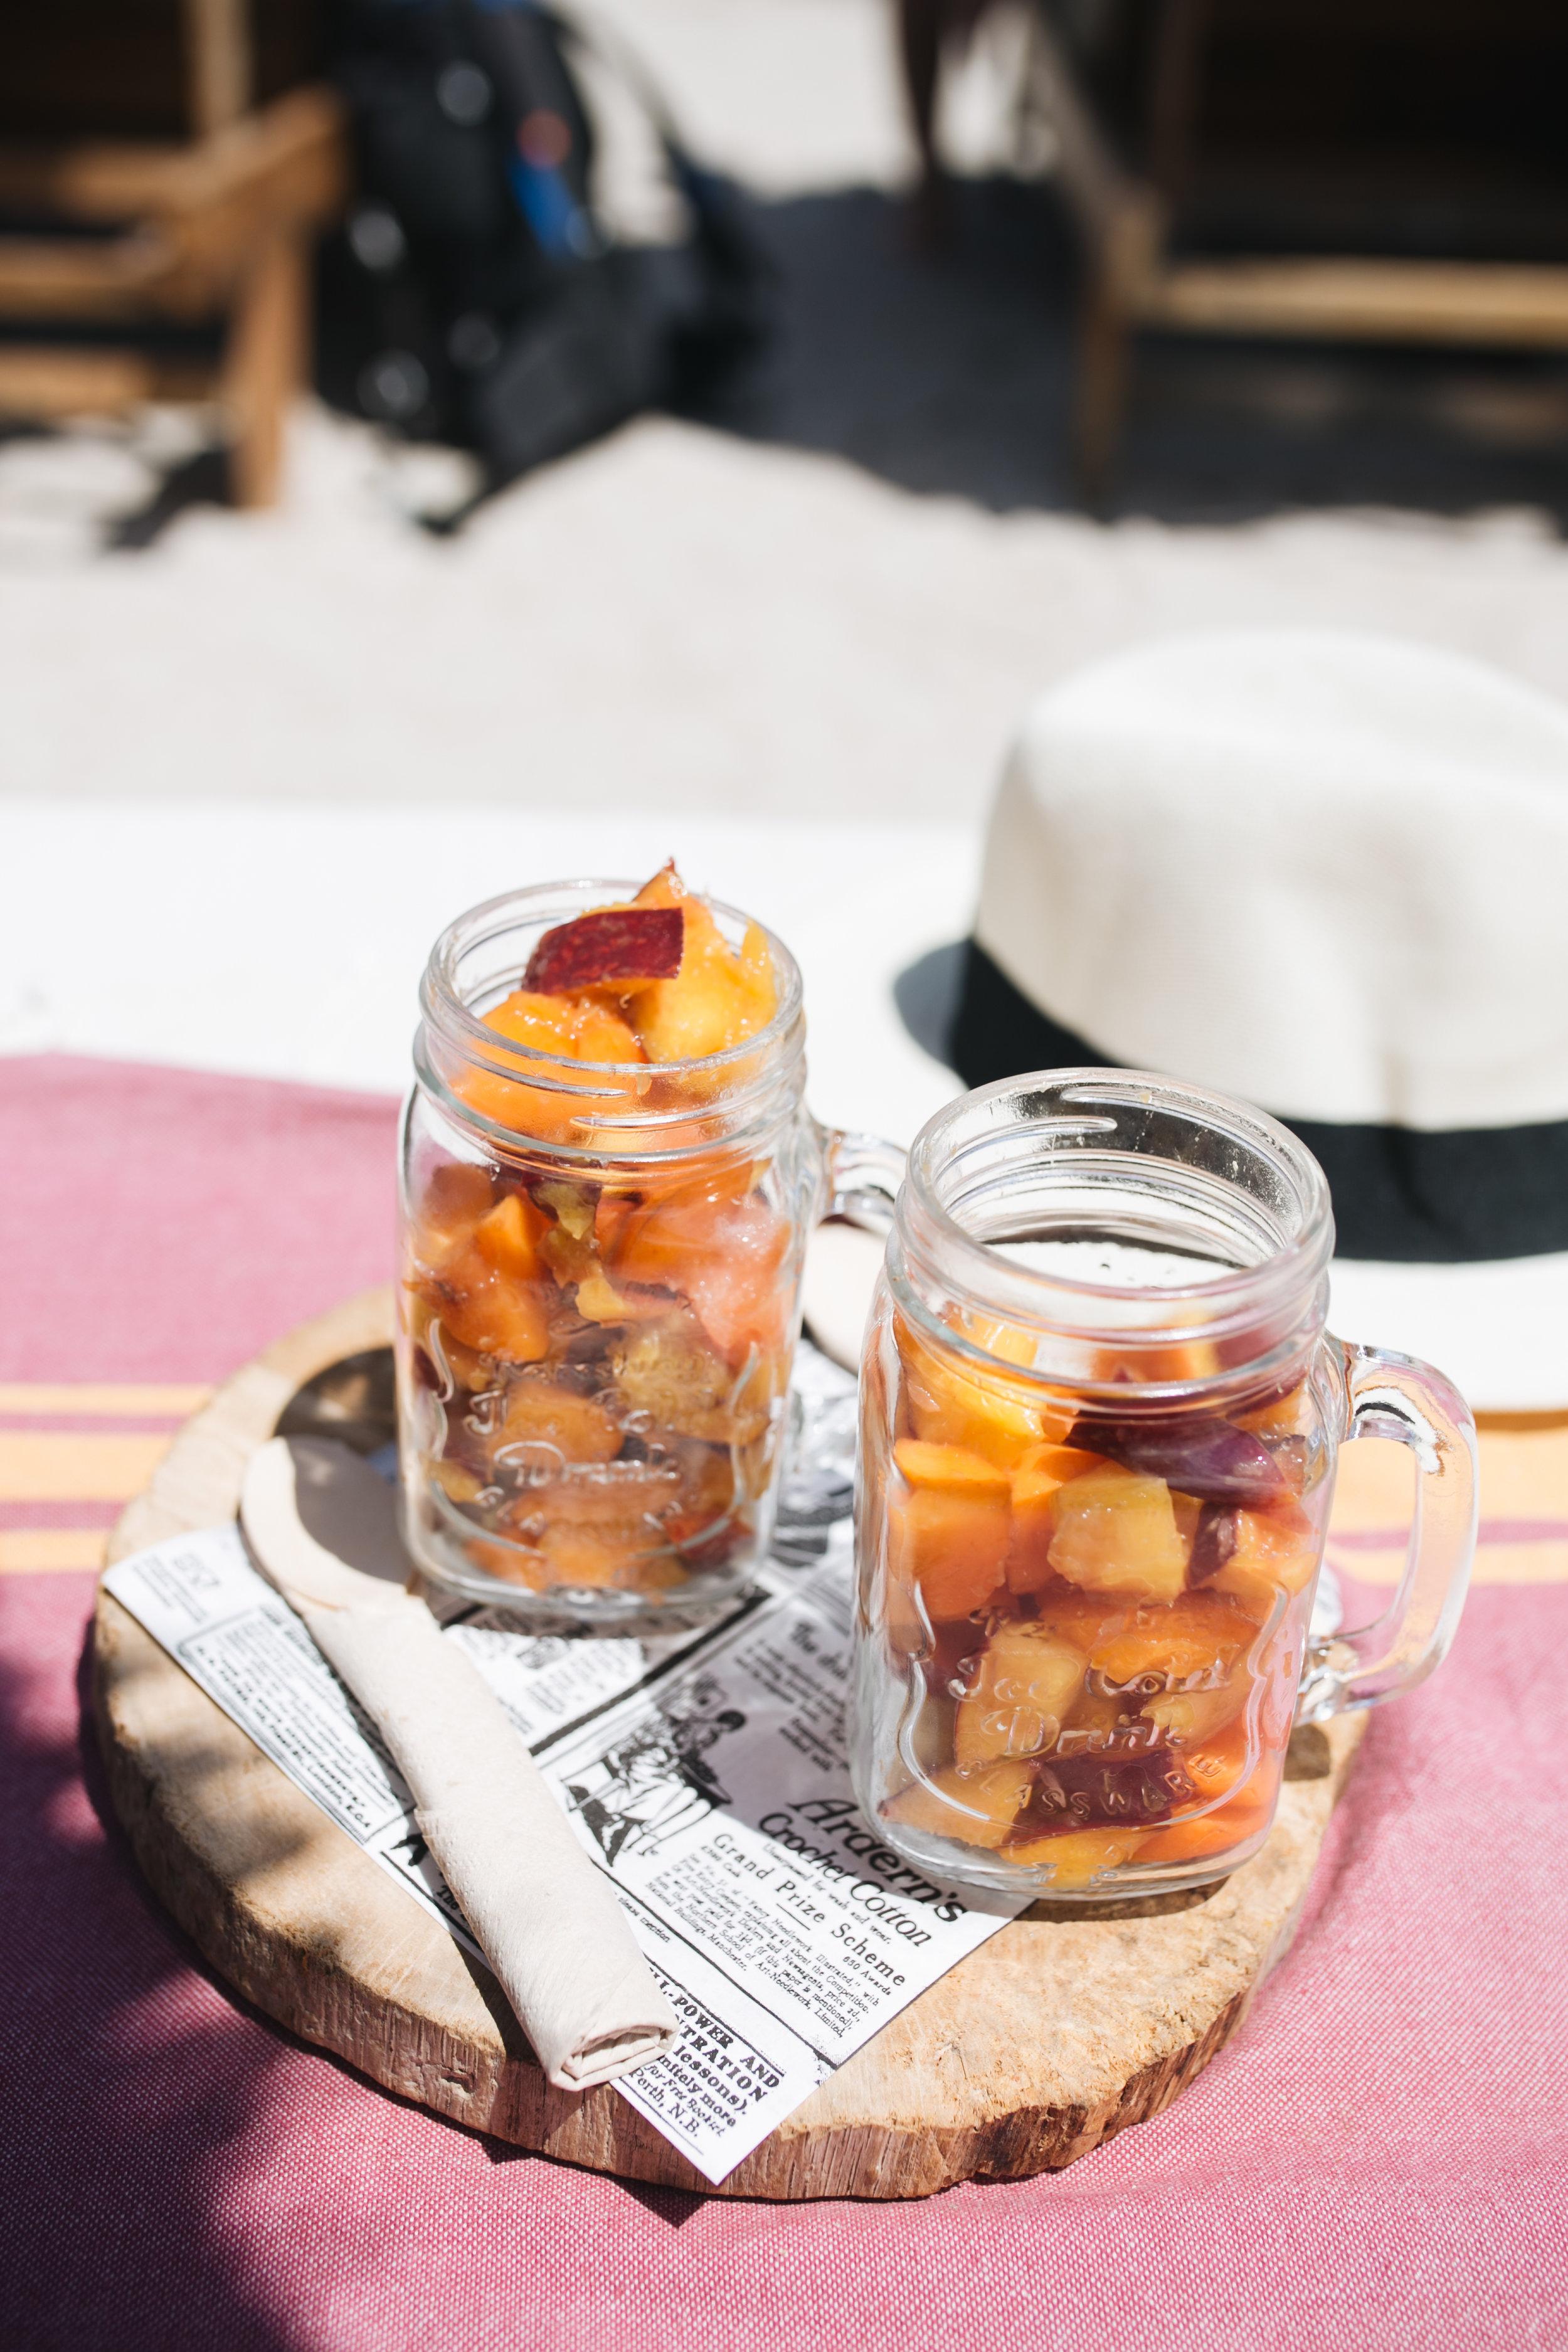 oasis-santa-giulia-porto-vecchio-salade-fruits.jpg